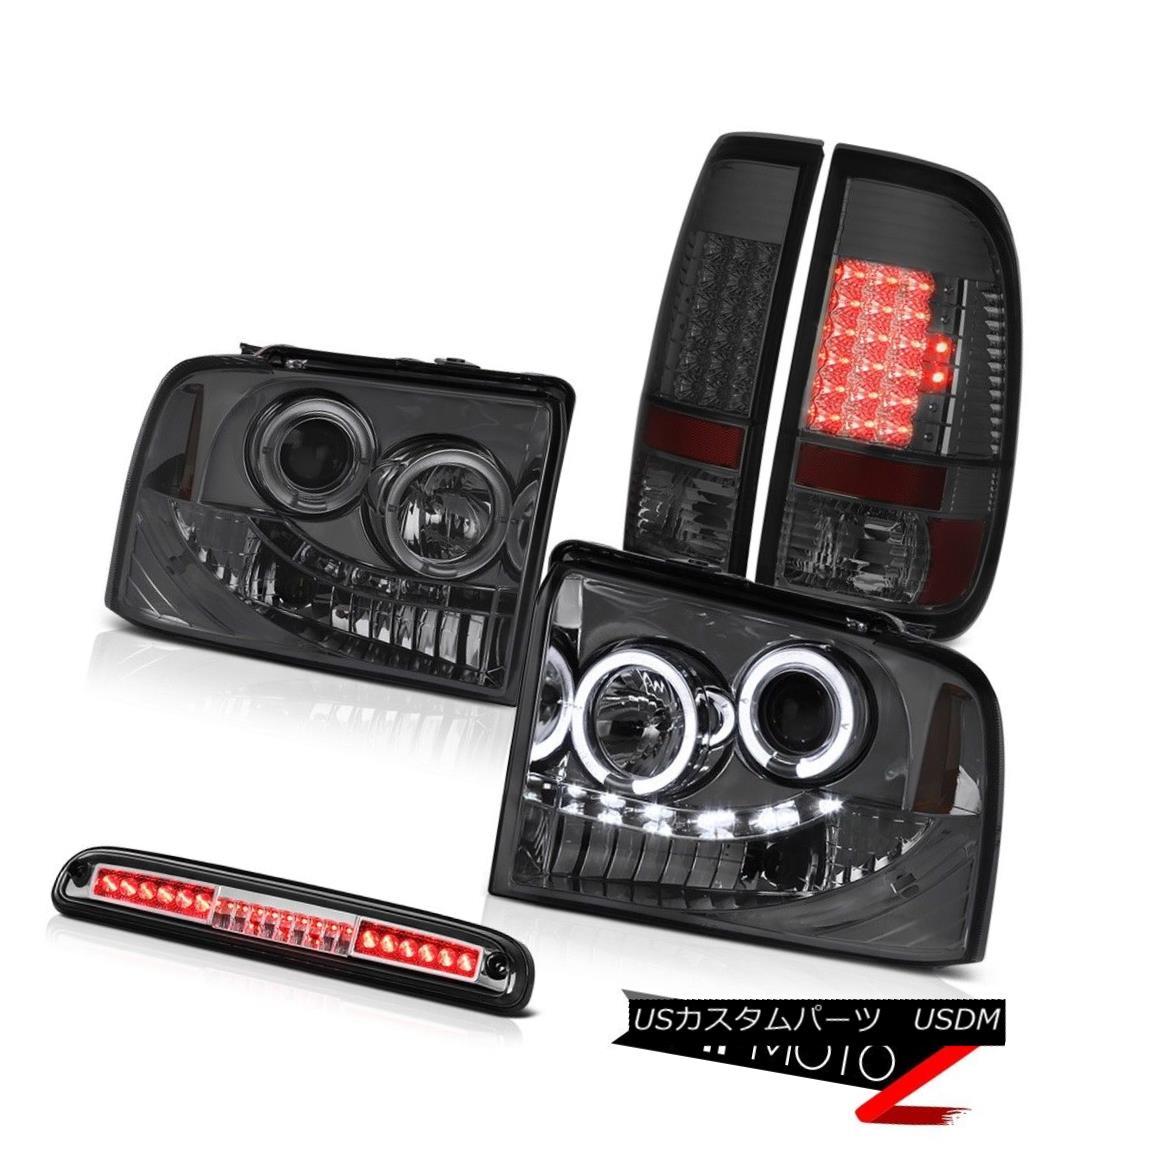 ヘッドライト 05 06 07 Ford F250 SD Halo Headlights Smoke Rear Brake Tail Lights High Stop LED 05 06 07フォードF250 SDハローヘッドライトスモークリアブレーキテールライトハイストップLED